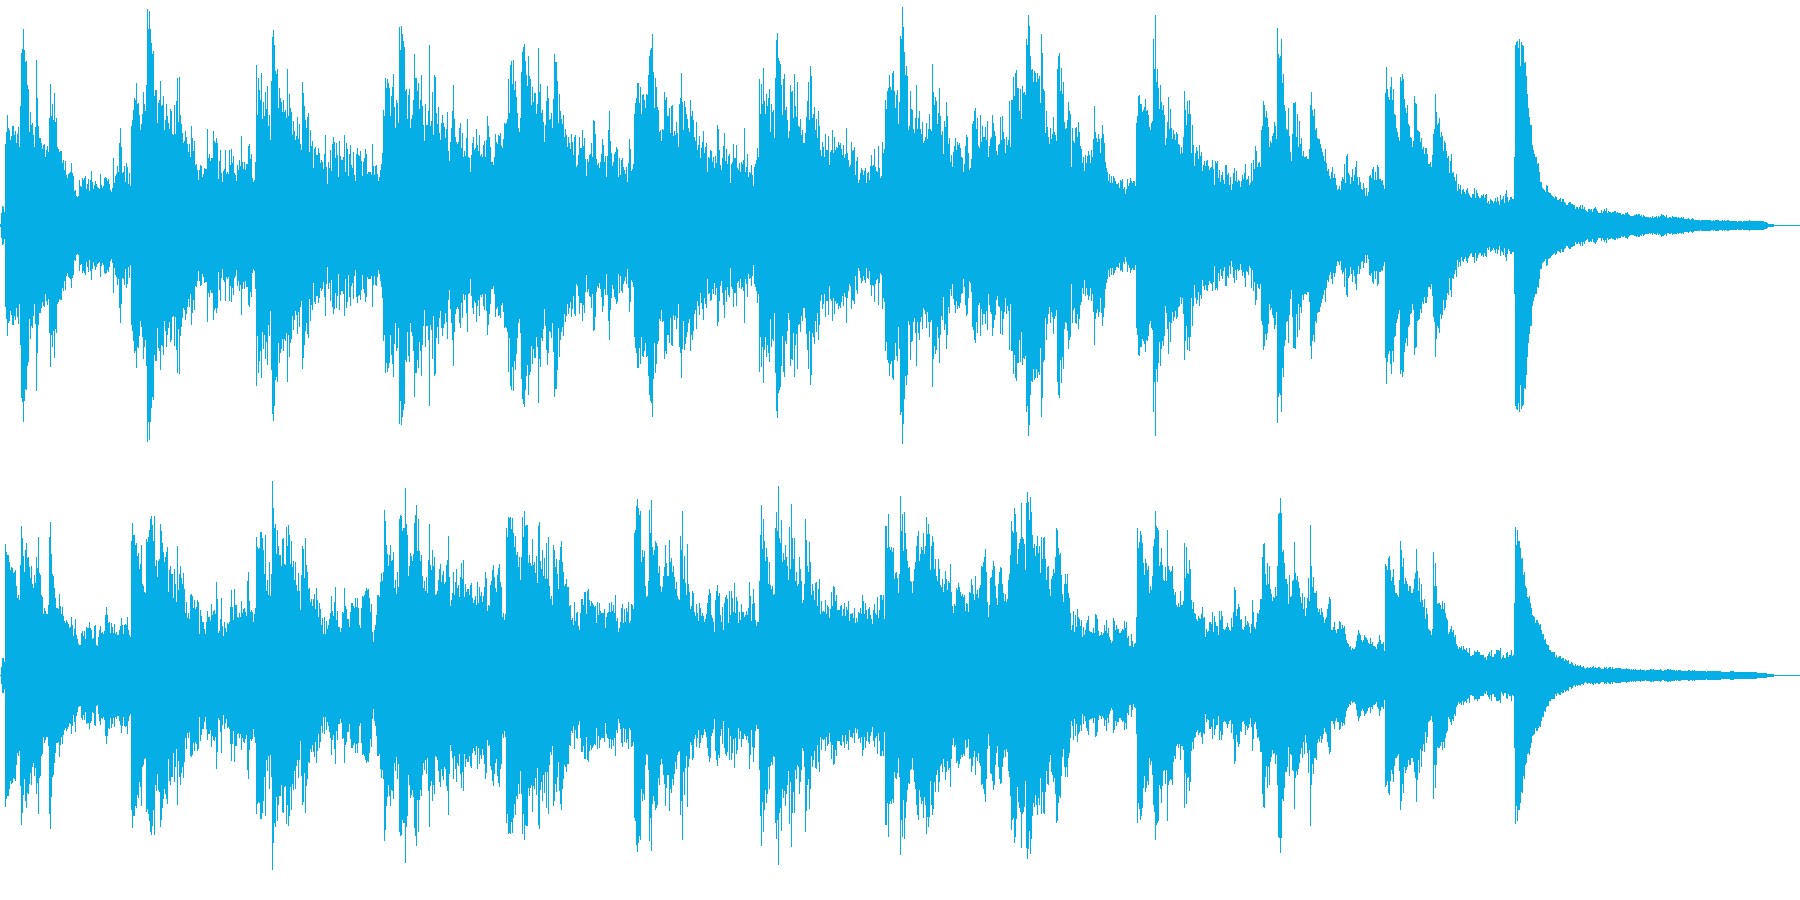 ホラーな雰囲気のピアノとストリングスの再生済みの波形